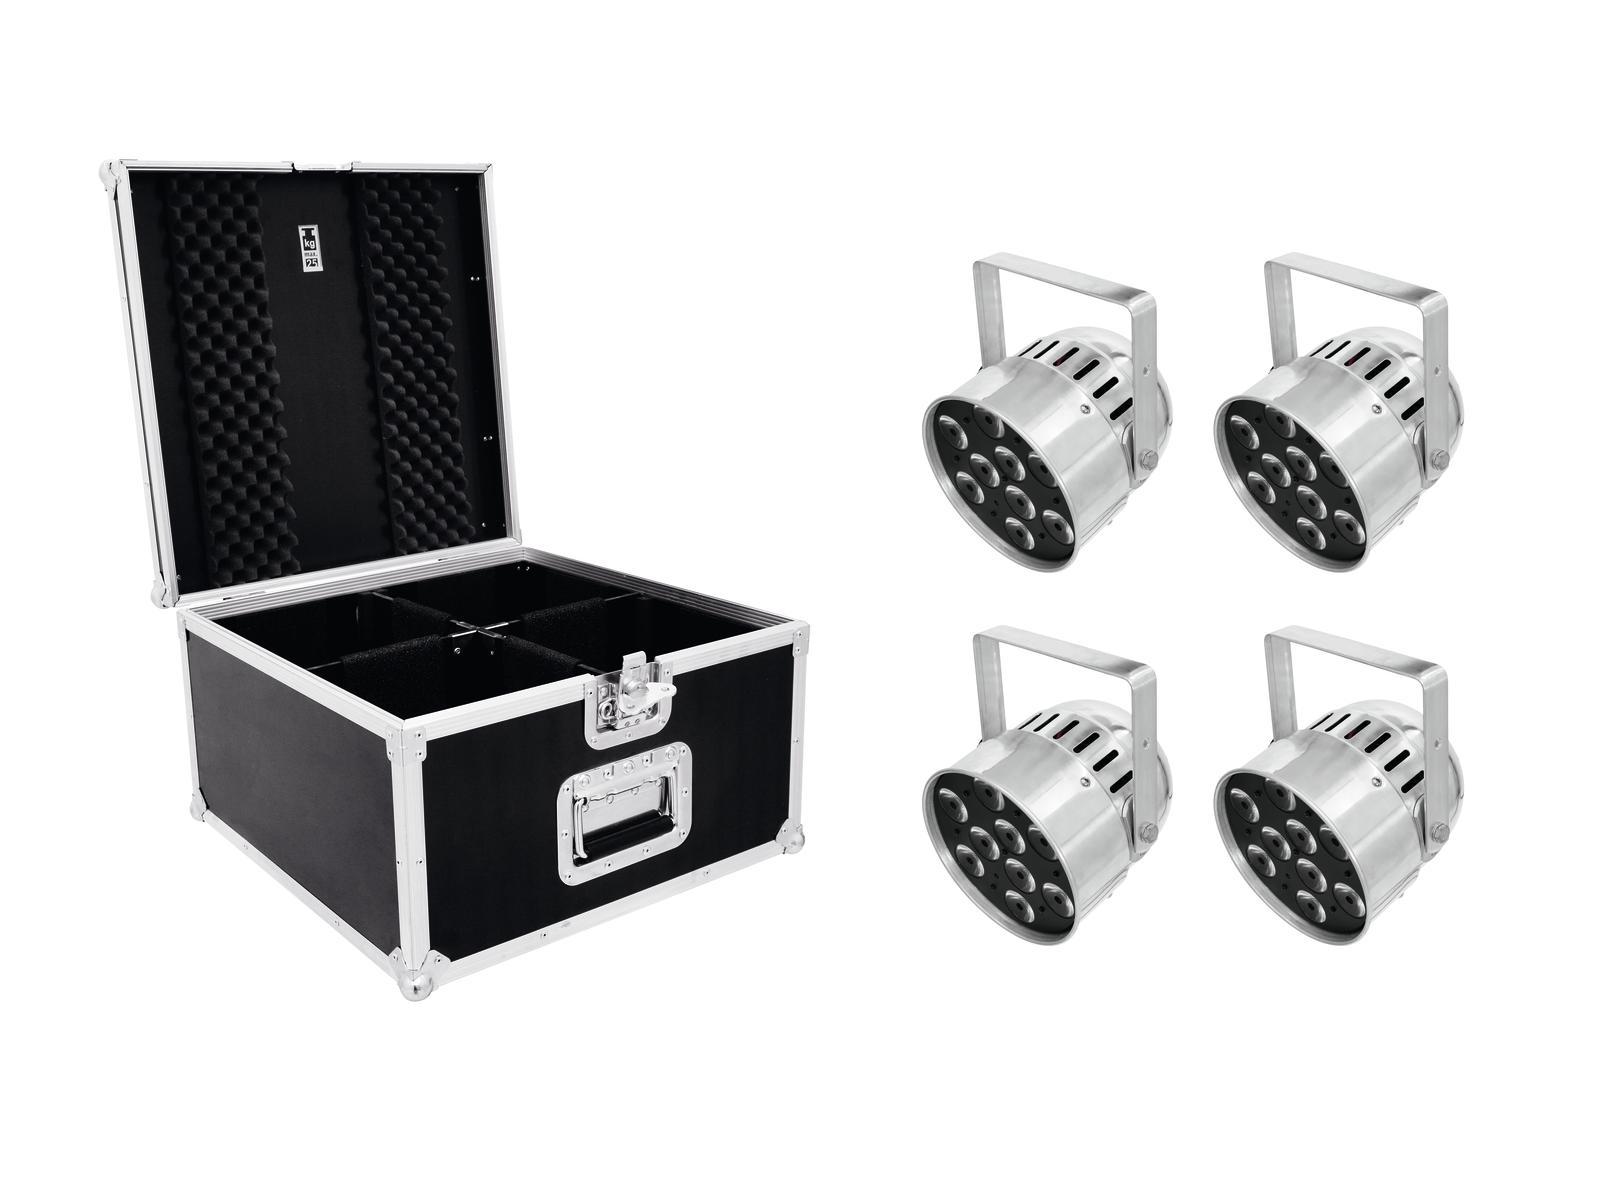 eurolite-set-4x-led-par-56-qcl-short-sil-pro-case